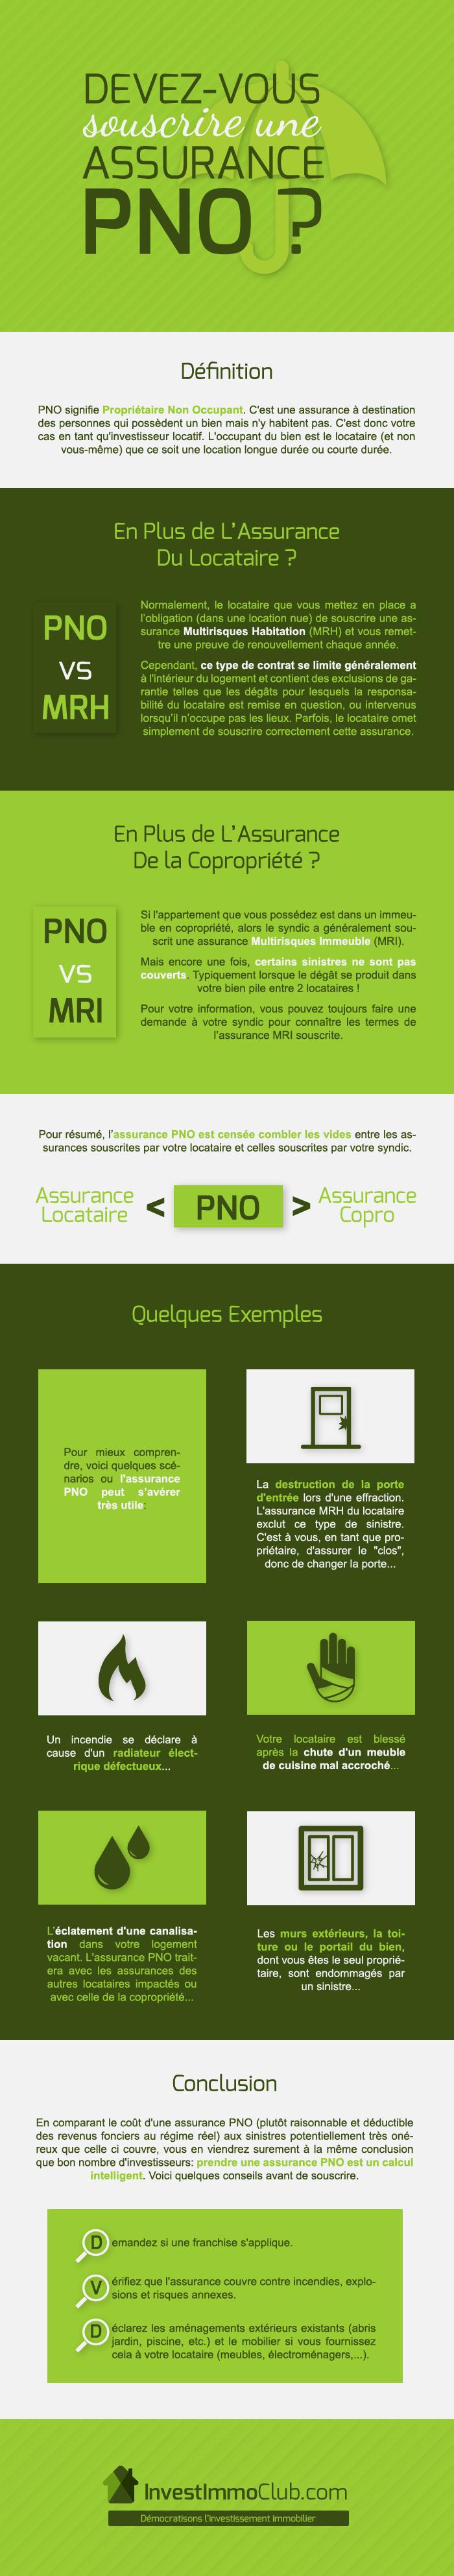 infographie devez vous souscrire une assurance pno